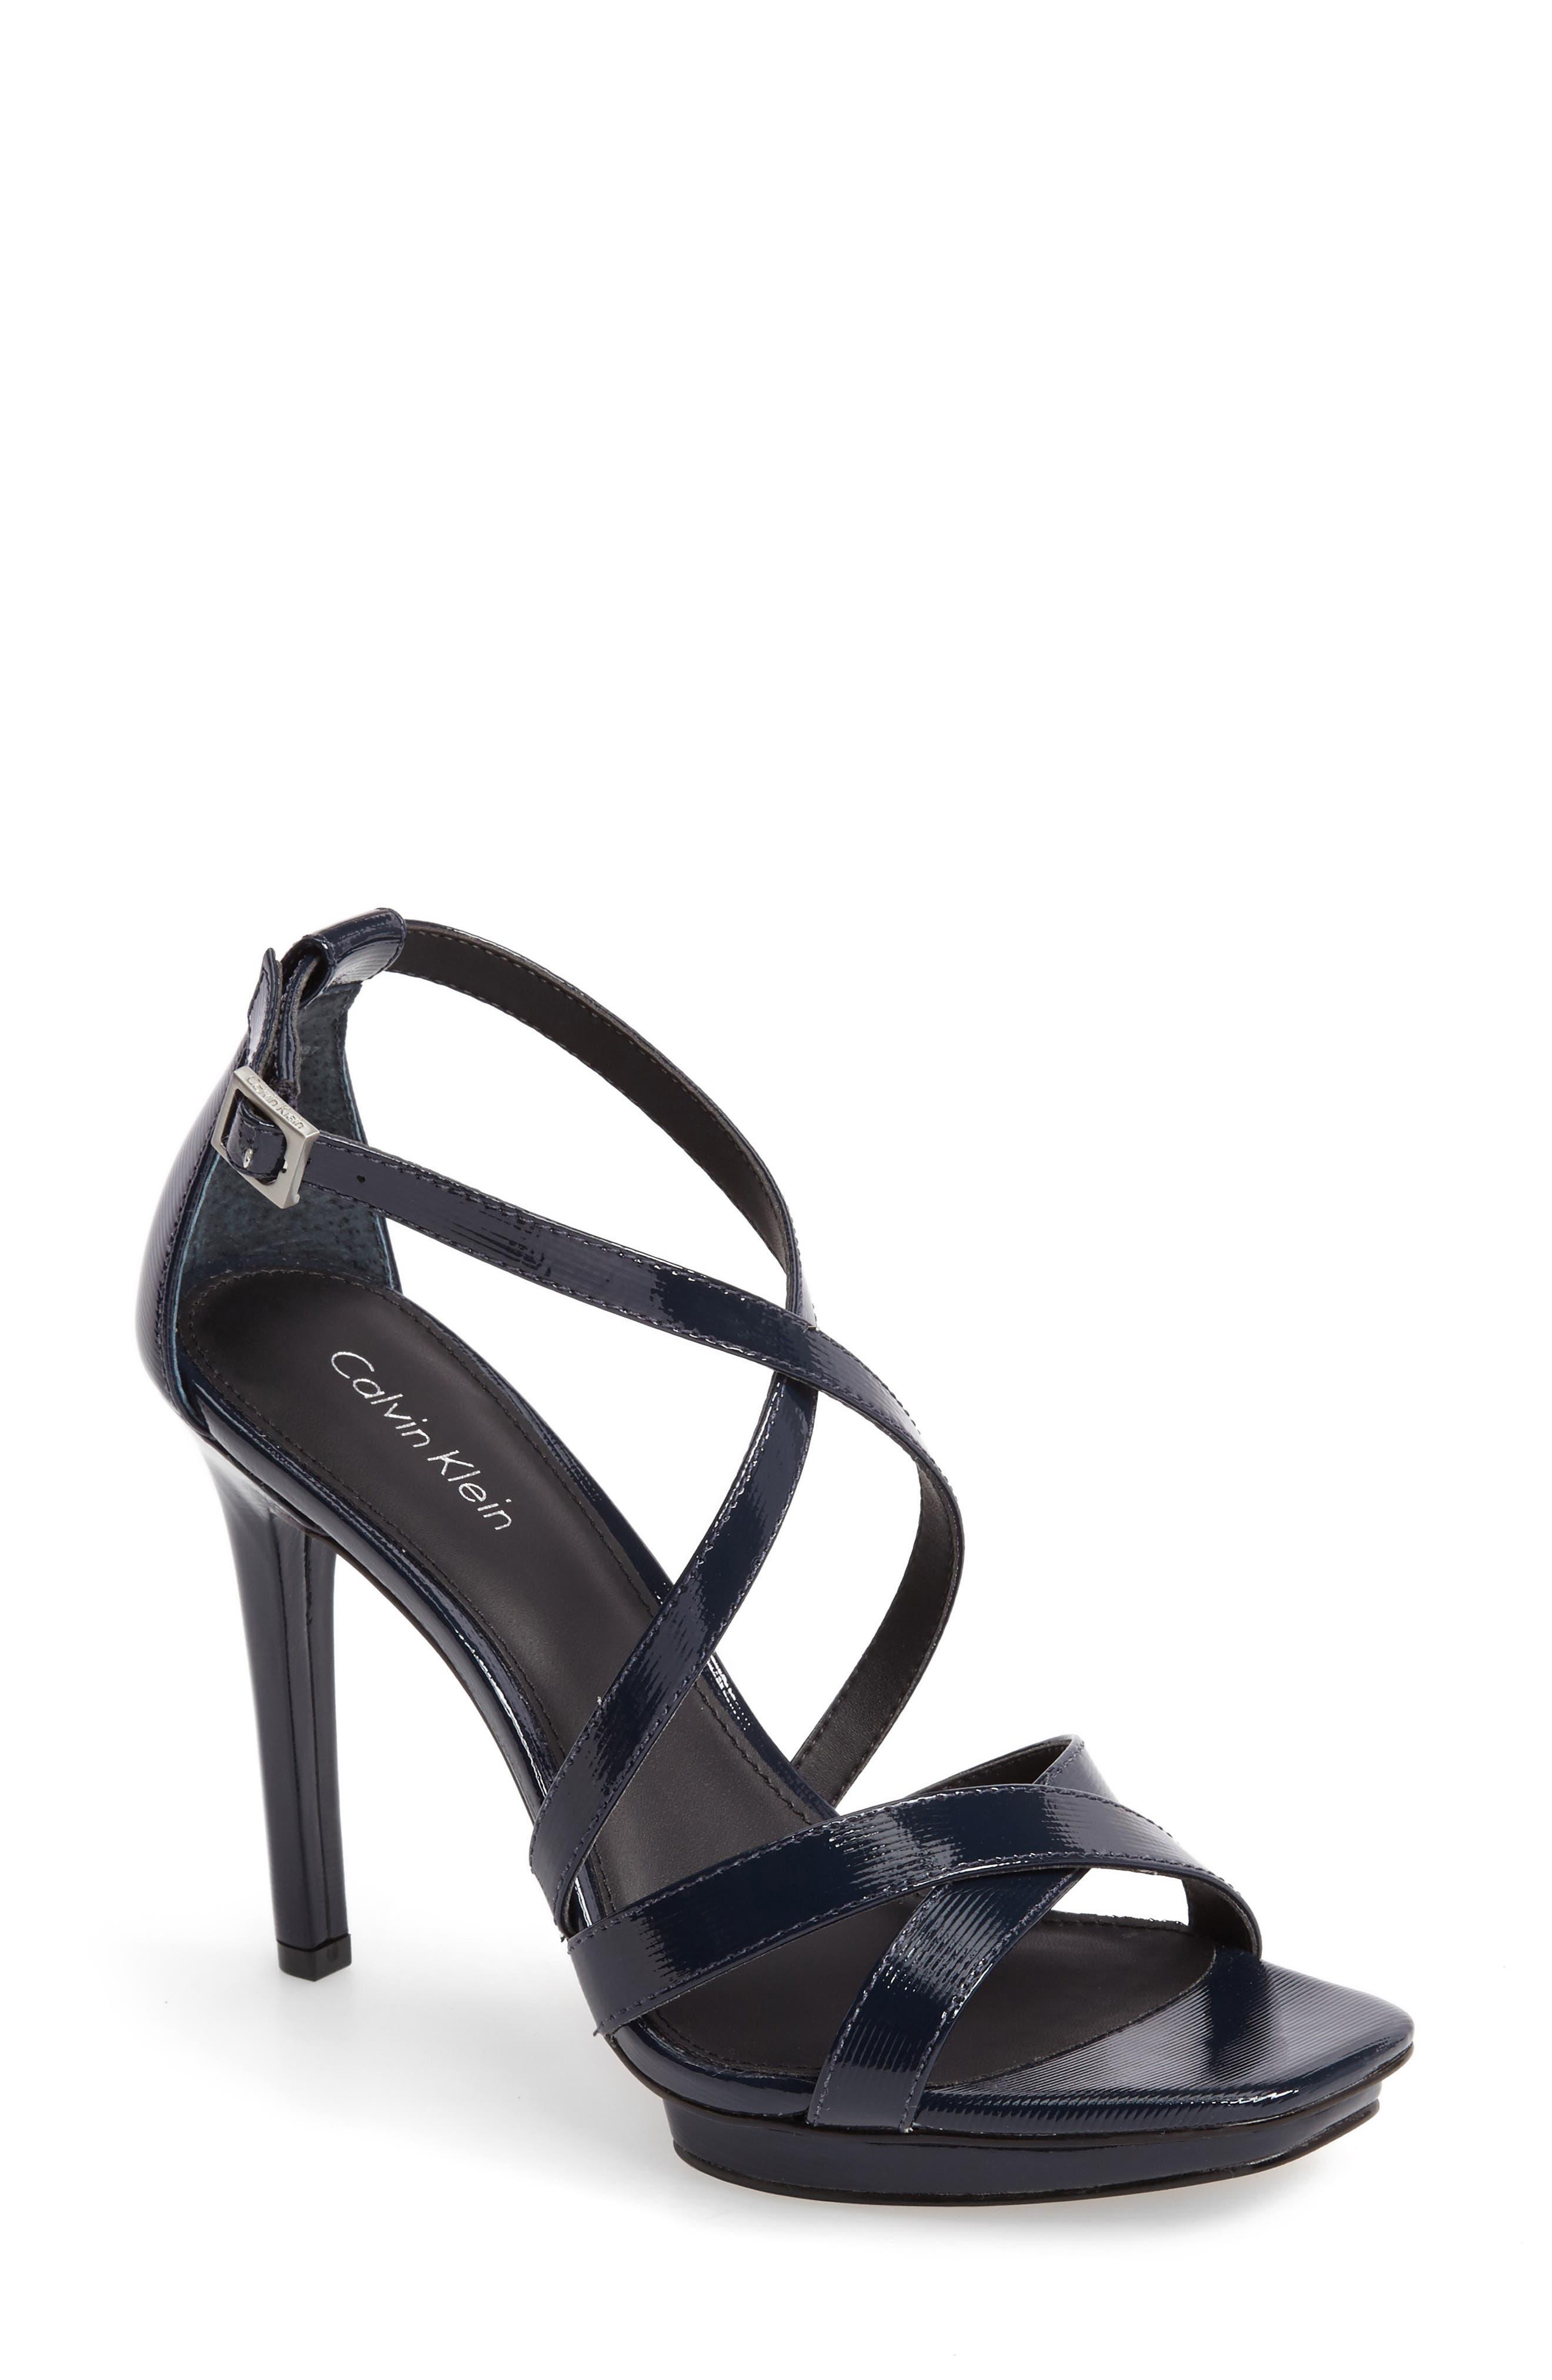 CALVIN KLEIN Vonnie Platform Sandal